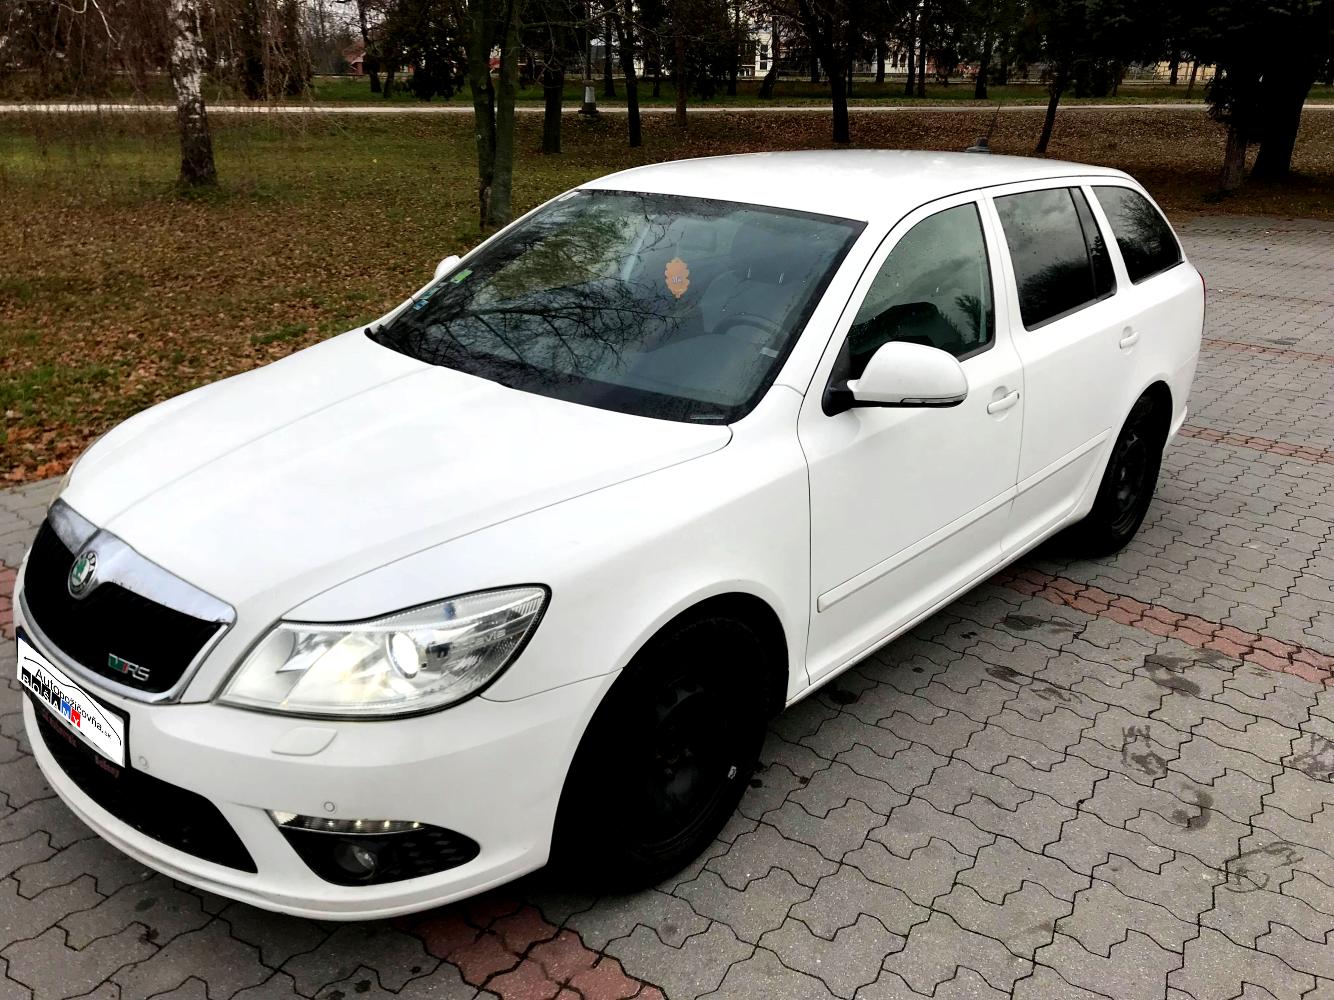 Škoda Octavia Combi 2.0 DI CR DPF RS_autopozicovnabosany.sk